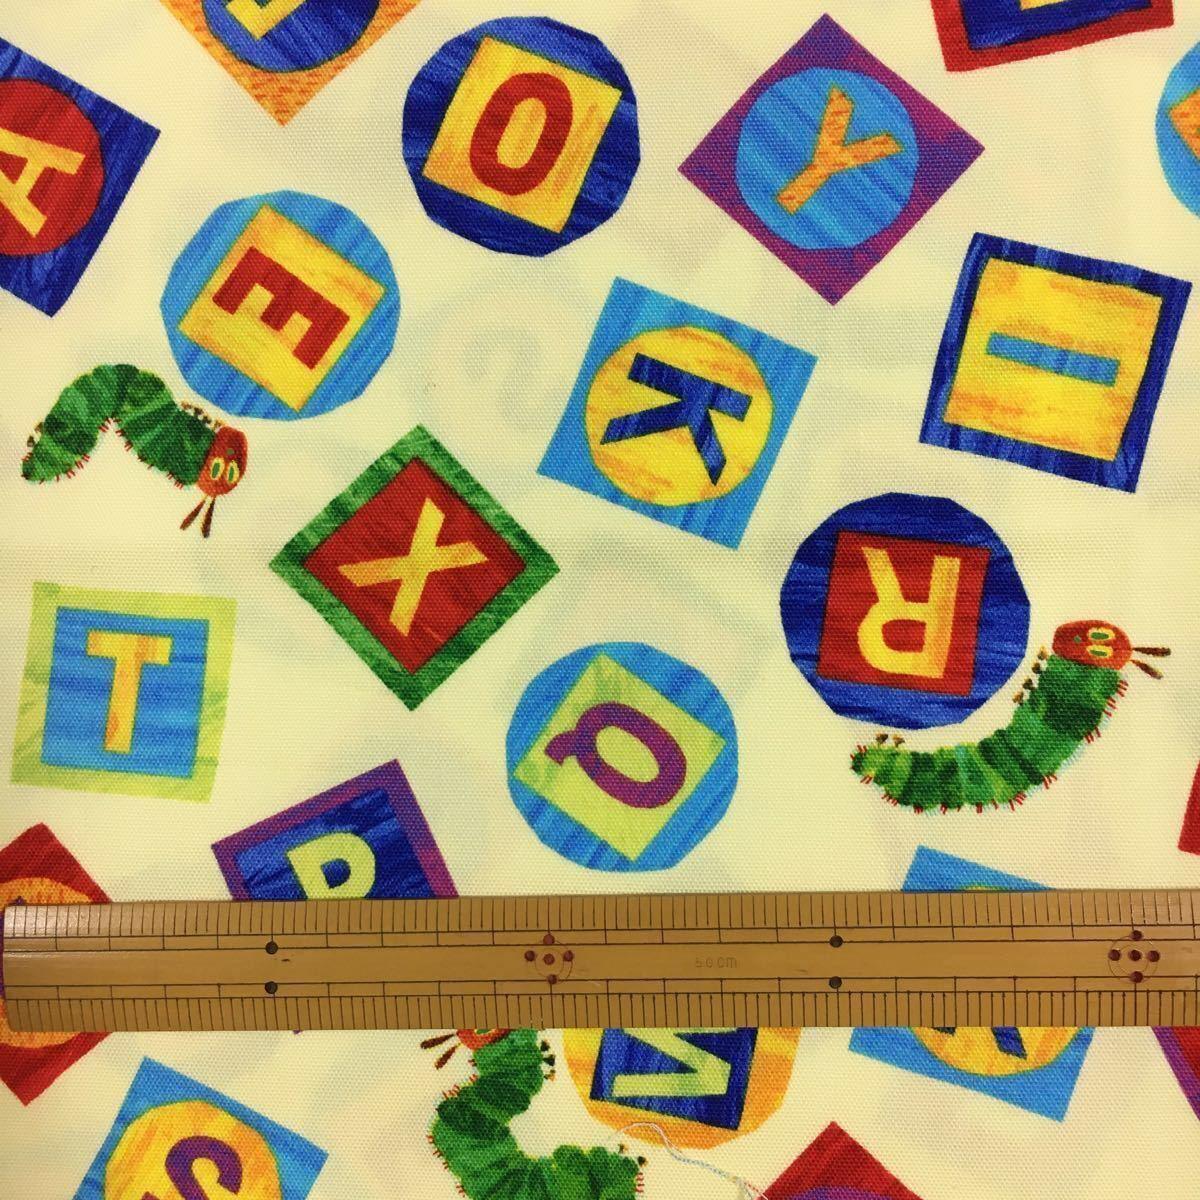 綿オックス:はらぺこあおむし:アルファベッド:生地幅×54:生地ハギレ